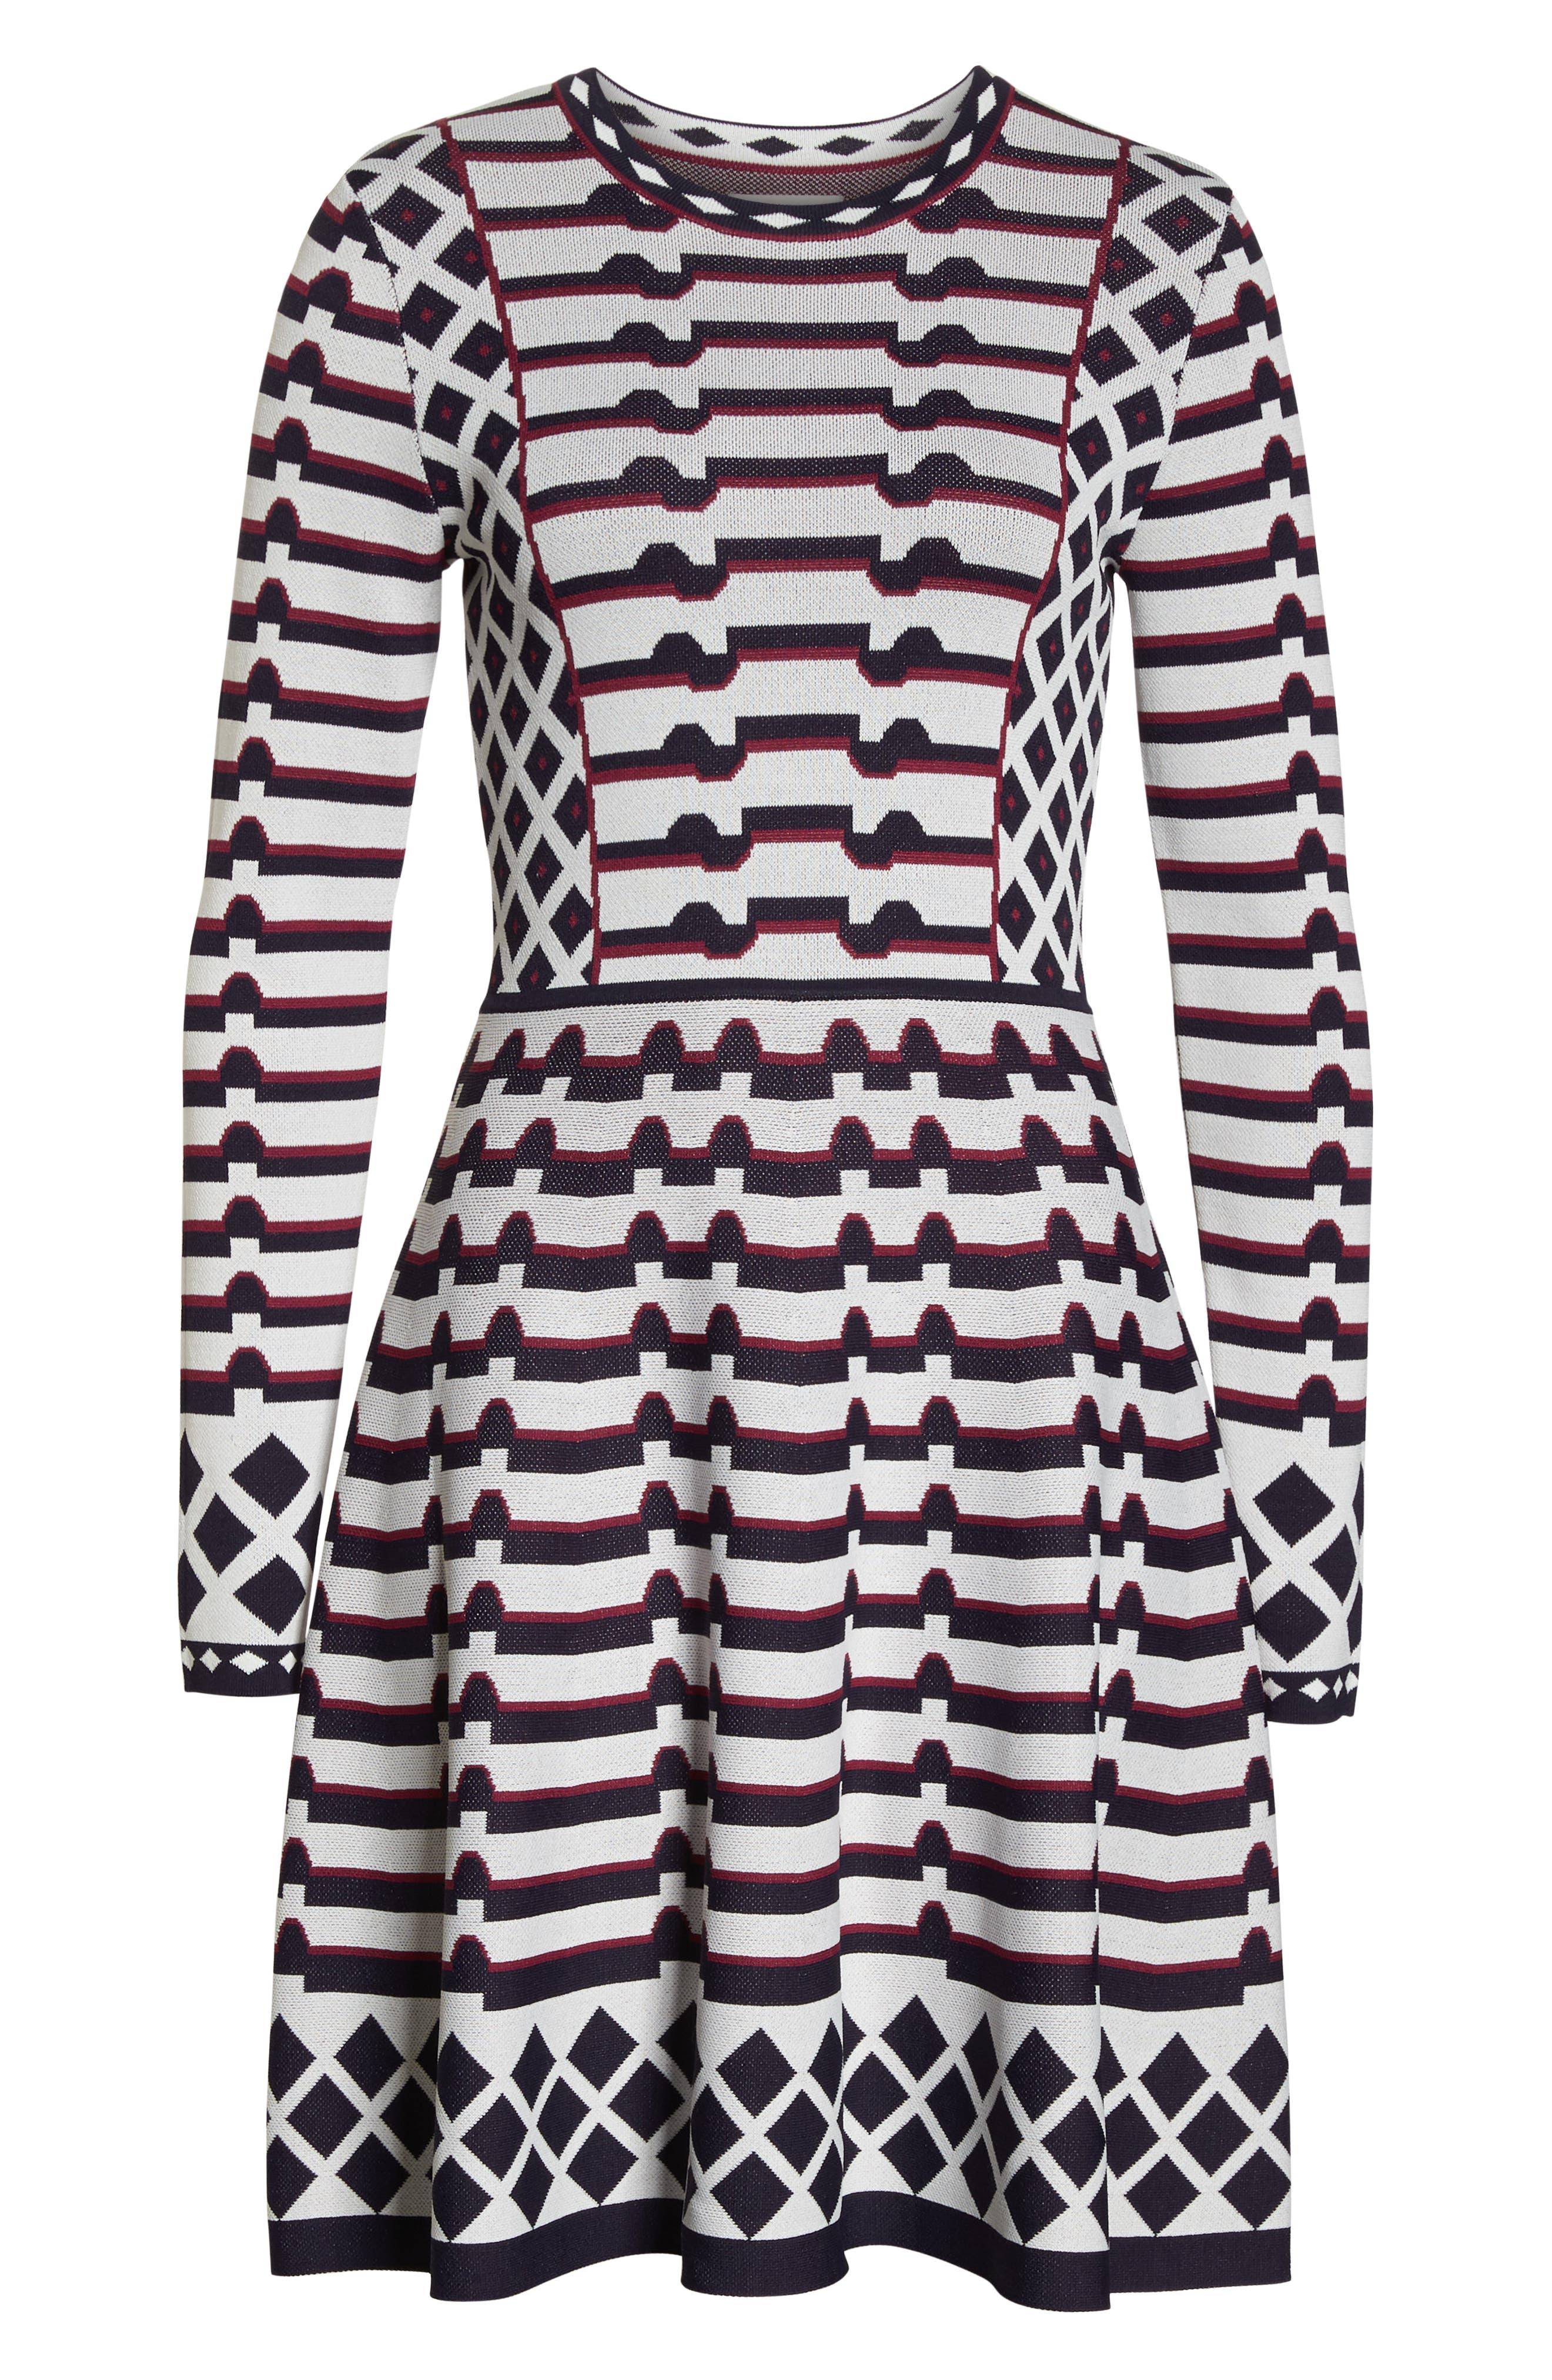 ELIZA J, Artwork Jacquard Sweater Dress, Alternate thumbnail 7, color, 410